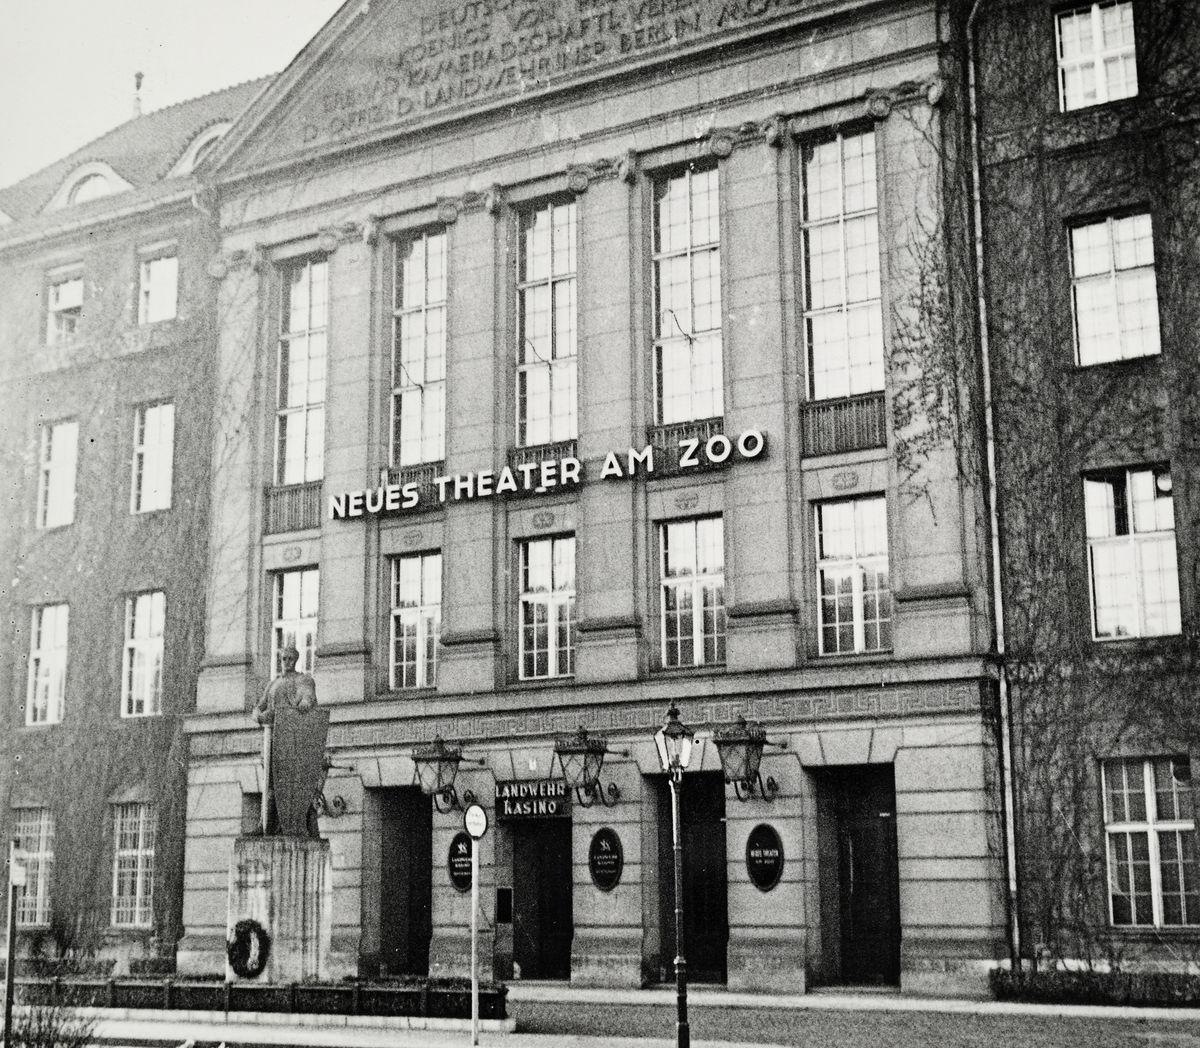 Neues Theater am Zoo, 1932, Postkarte, Museum Charlottenburg-Wilmersdorf in der Villa Oppenheim, © Museum Charlottenburg-Wilmersdorf